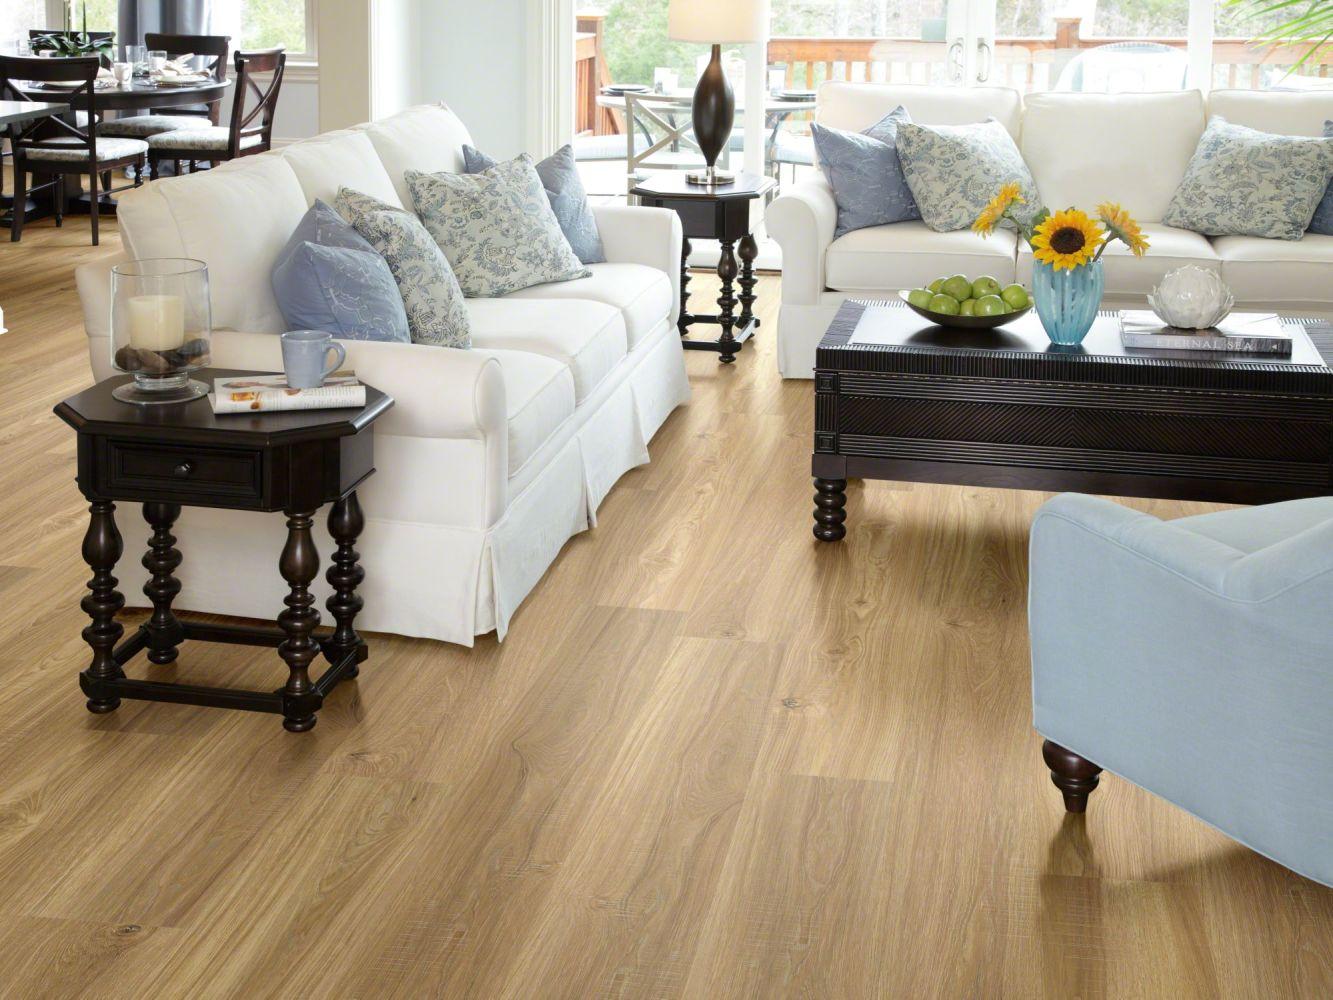 Shaw Floors Resilient Residential Prime Plank Mellow Oak 00109_0616V